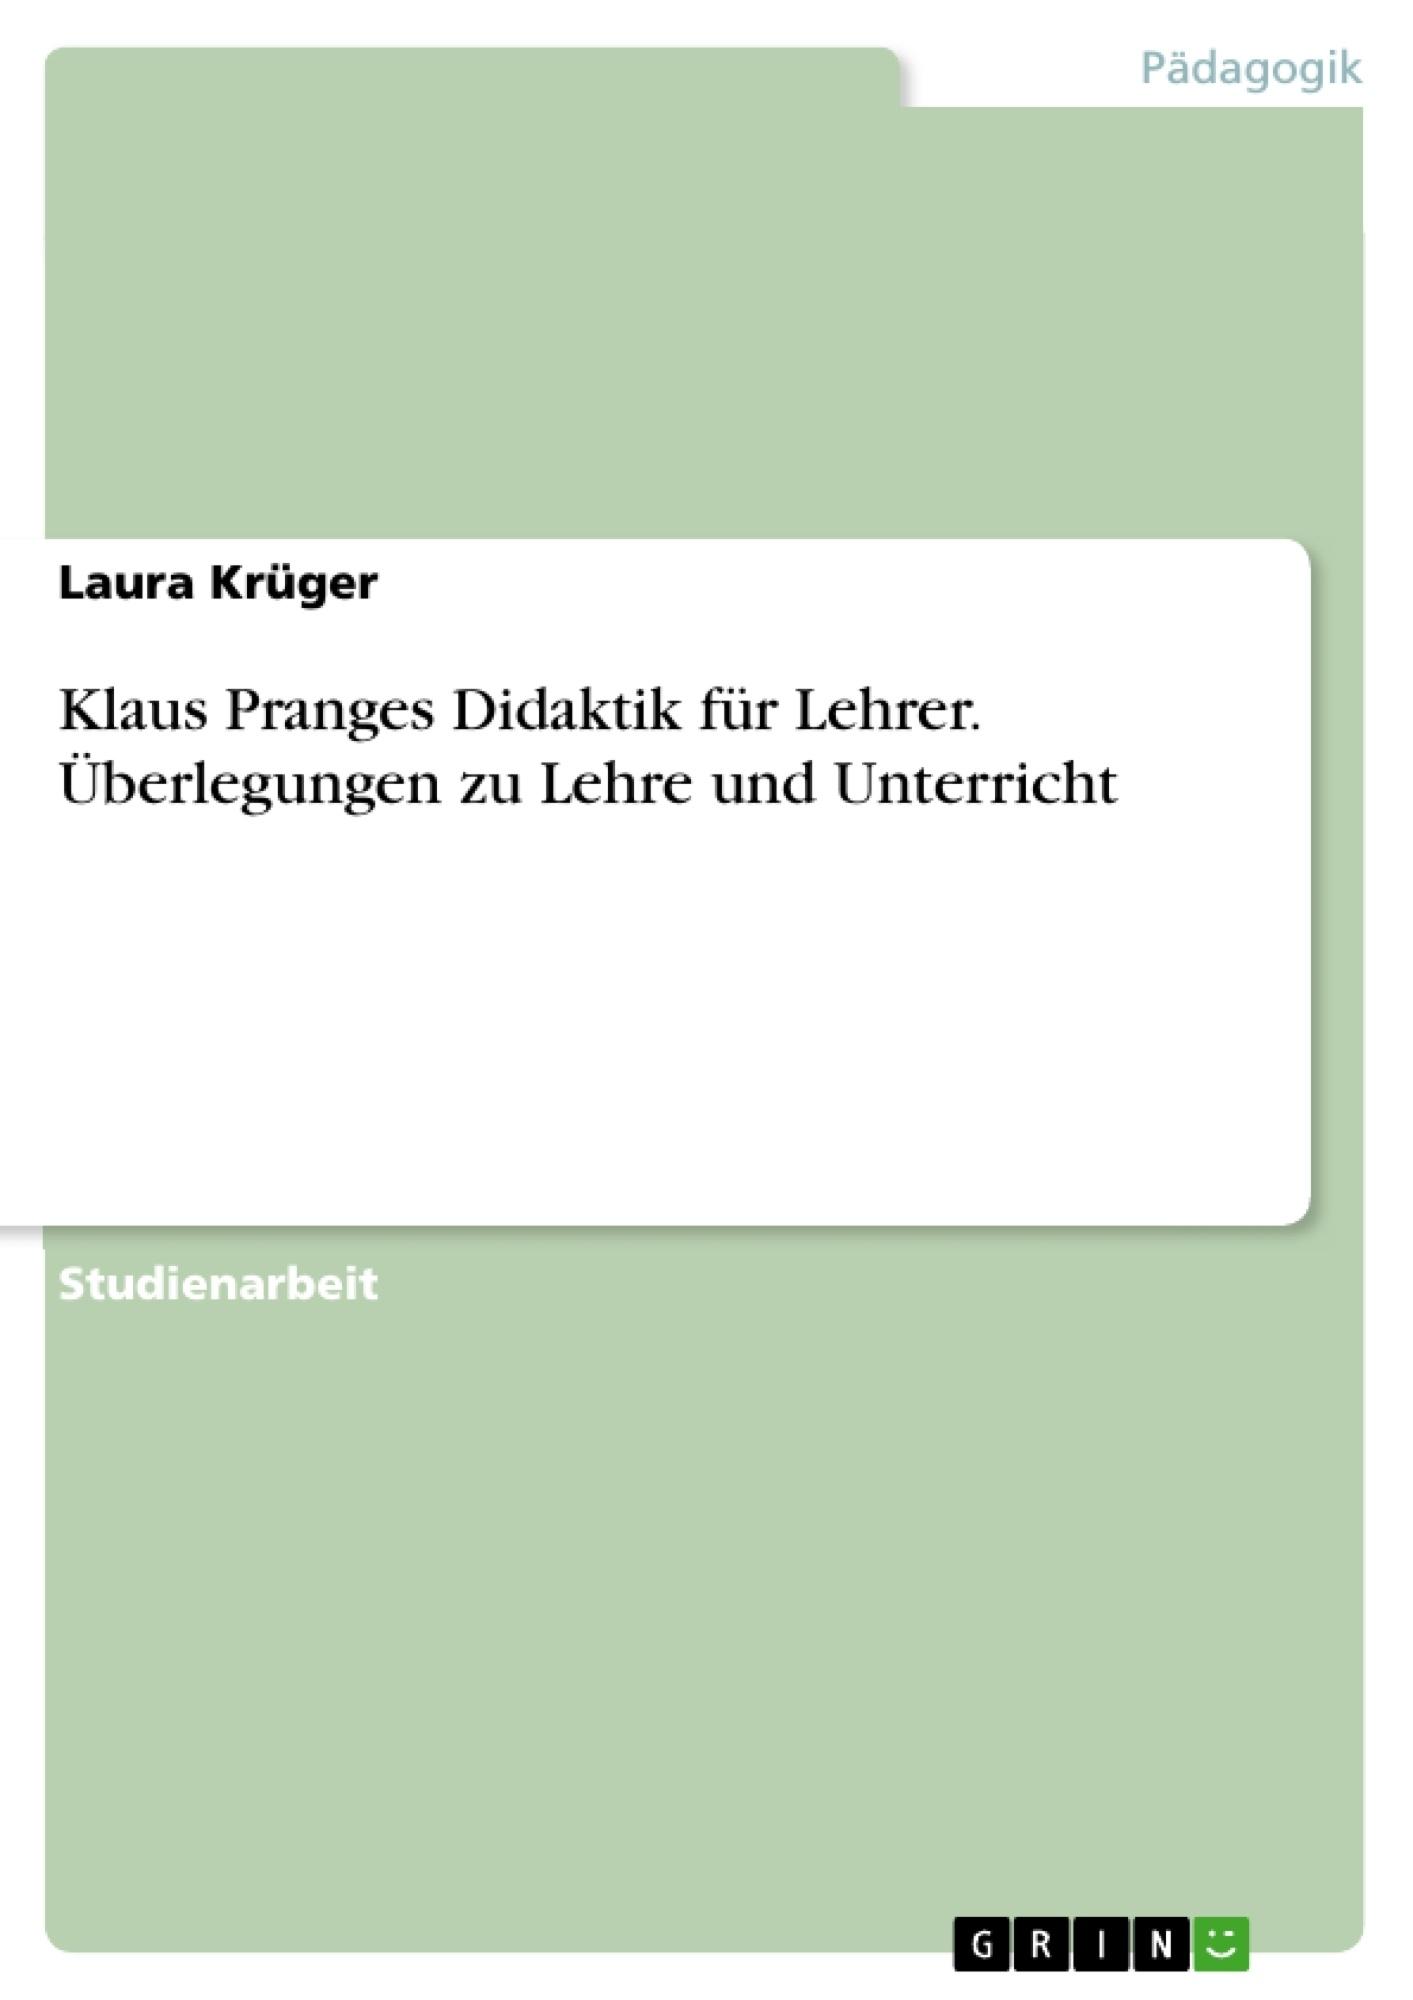 Titel: Klaus Pranges Didaktik für Lehrer. Überlegungen zu Lehre und Unterricht